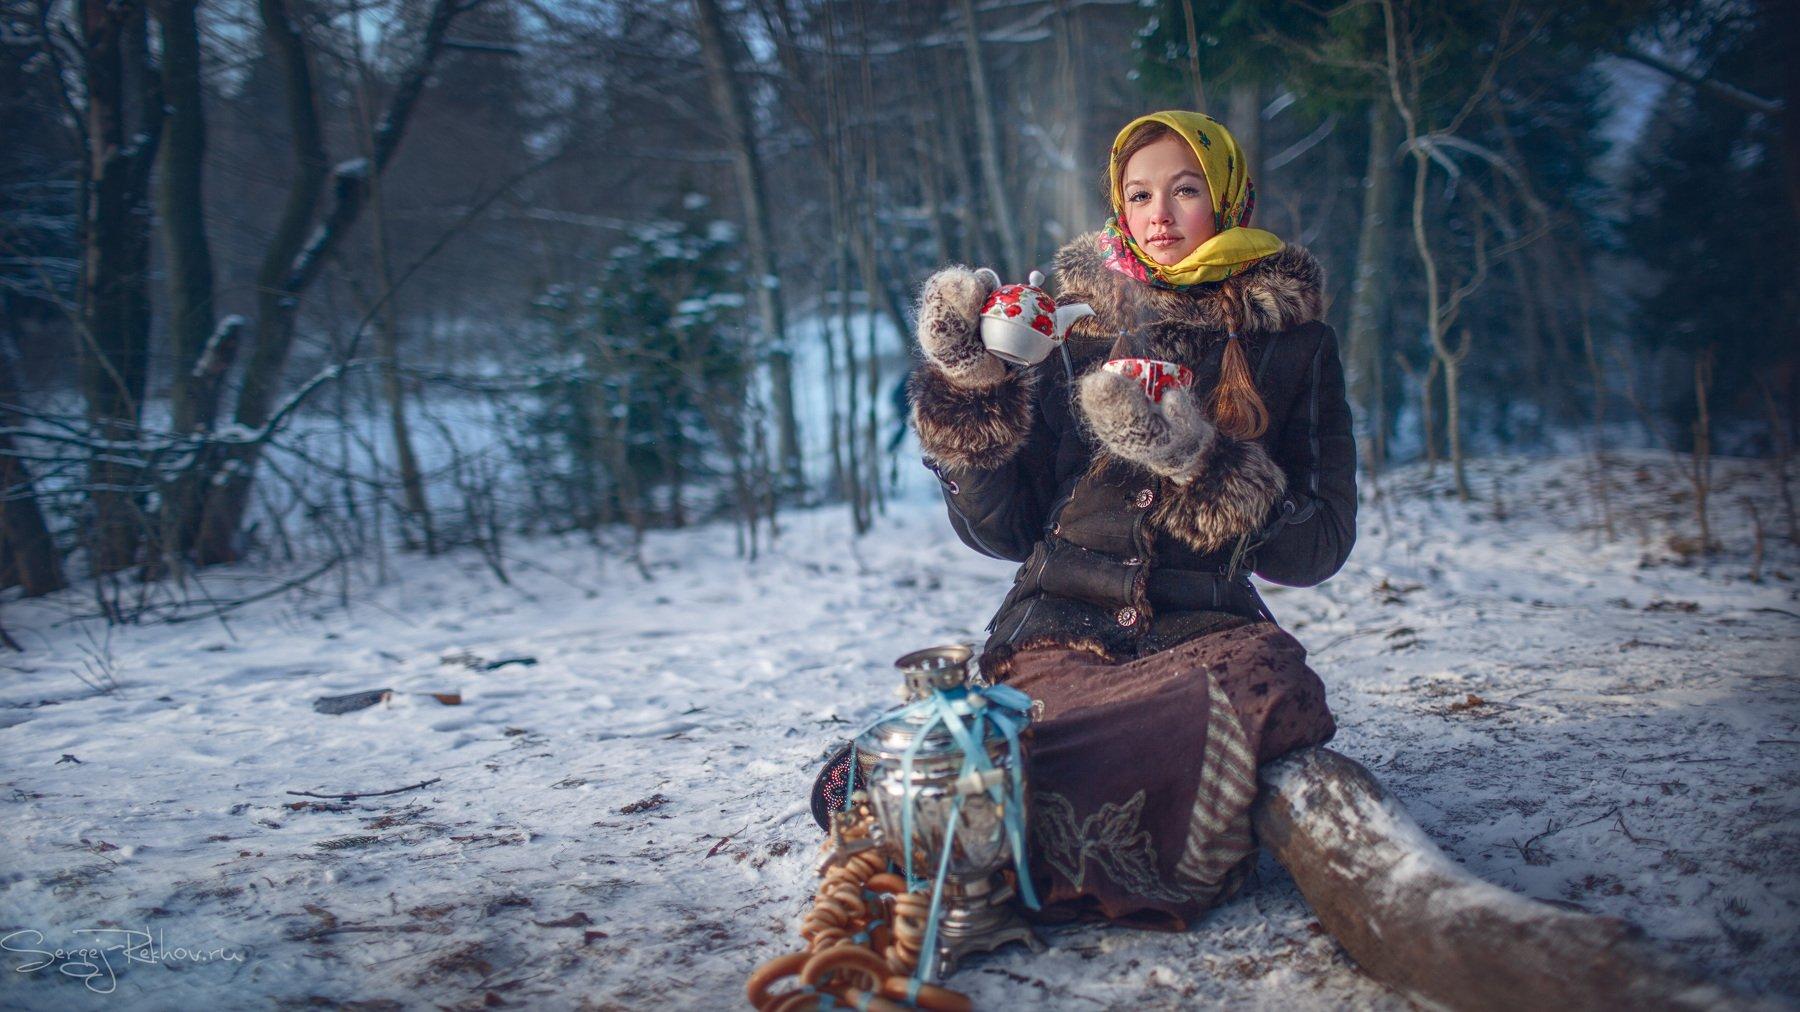 девочка, парк, зима, мороз, чай, самовар, рехов, сергейрехов, rekhov, sergejrekhov, Сергей Рехов